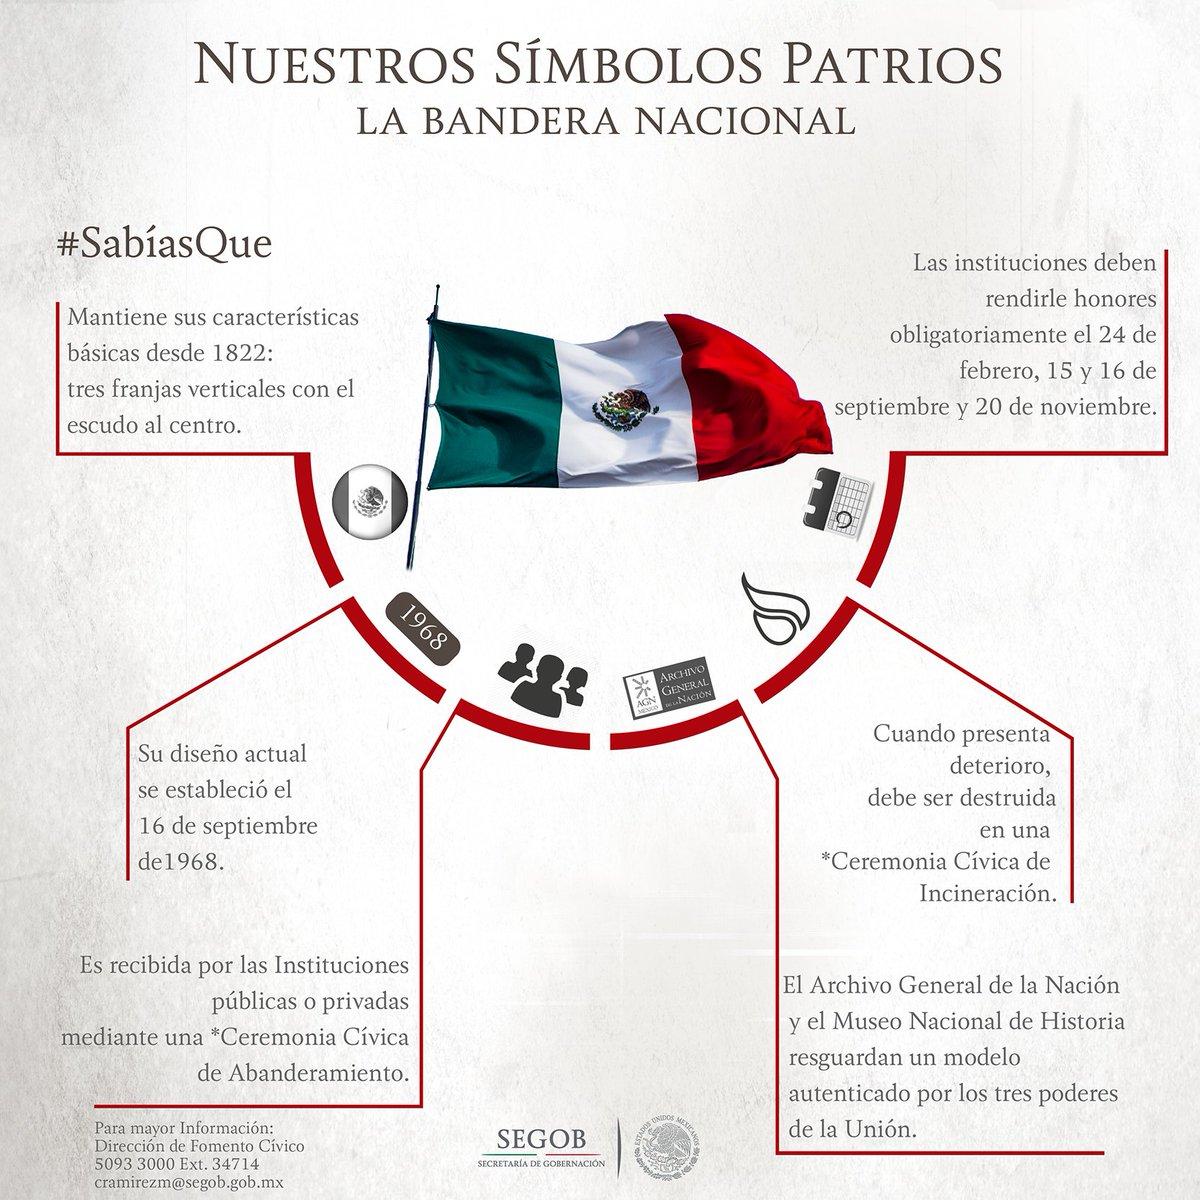 El Nacional La El Y Bandera De Escudo Peru Himno